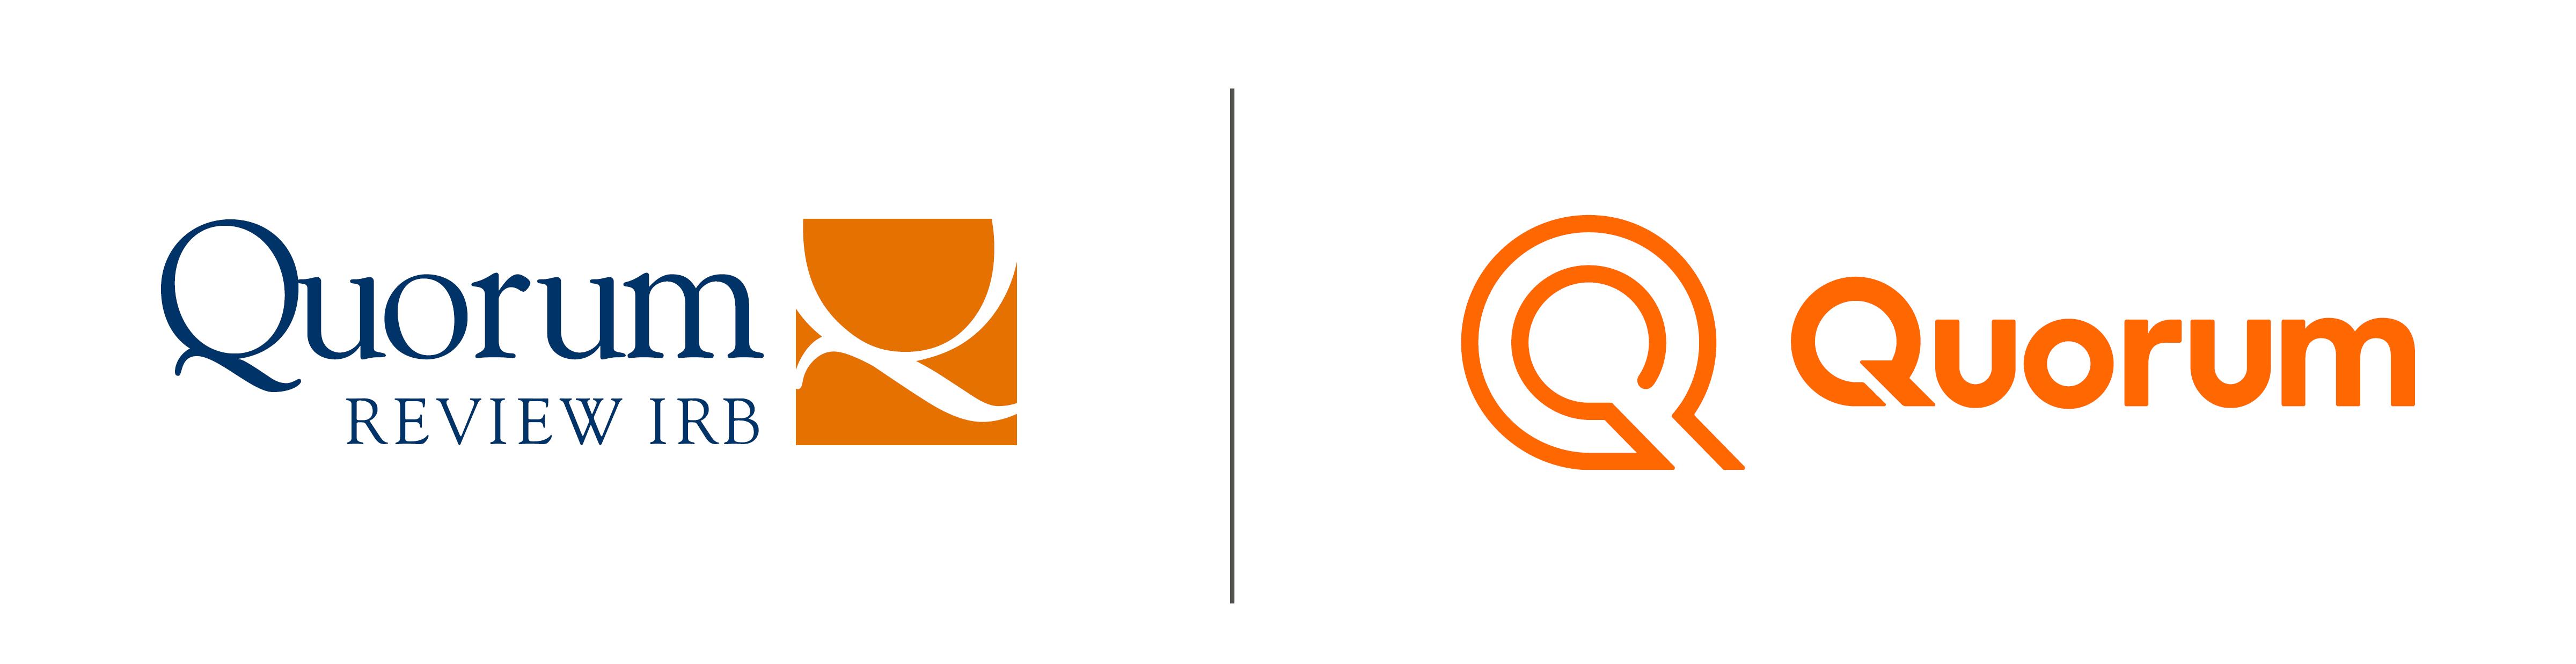 Quorum International Logo Quorum Celebrates 25th...